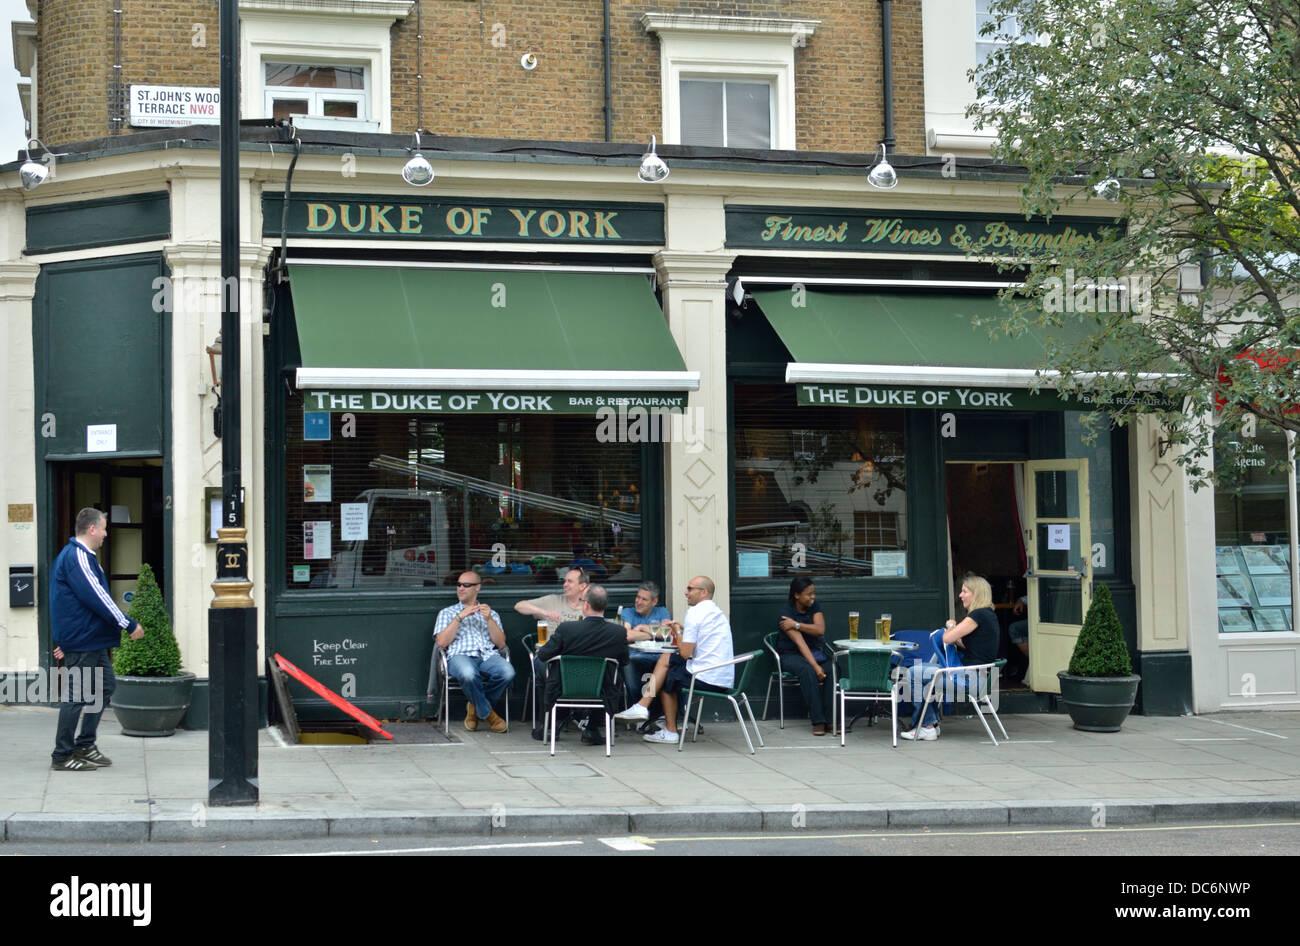 Duke of York pub in St. John's Wood, London, UK. - Stock Image